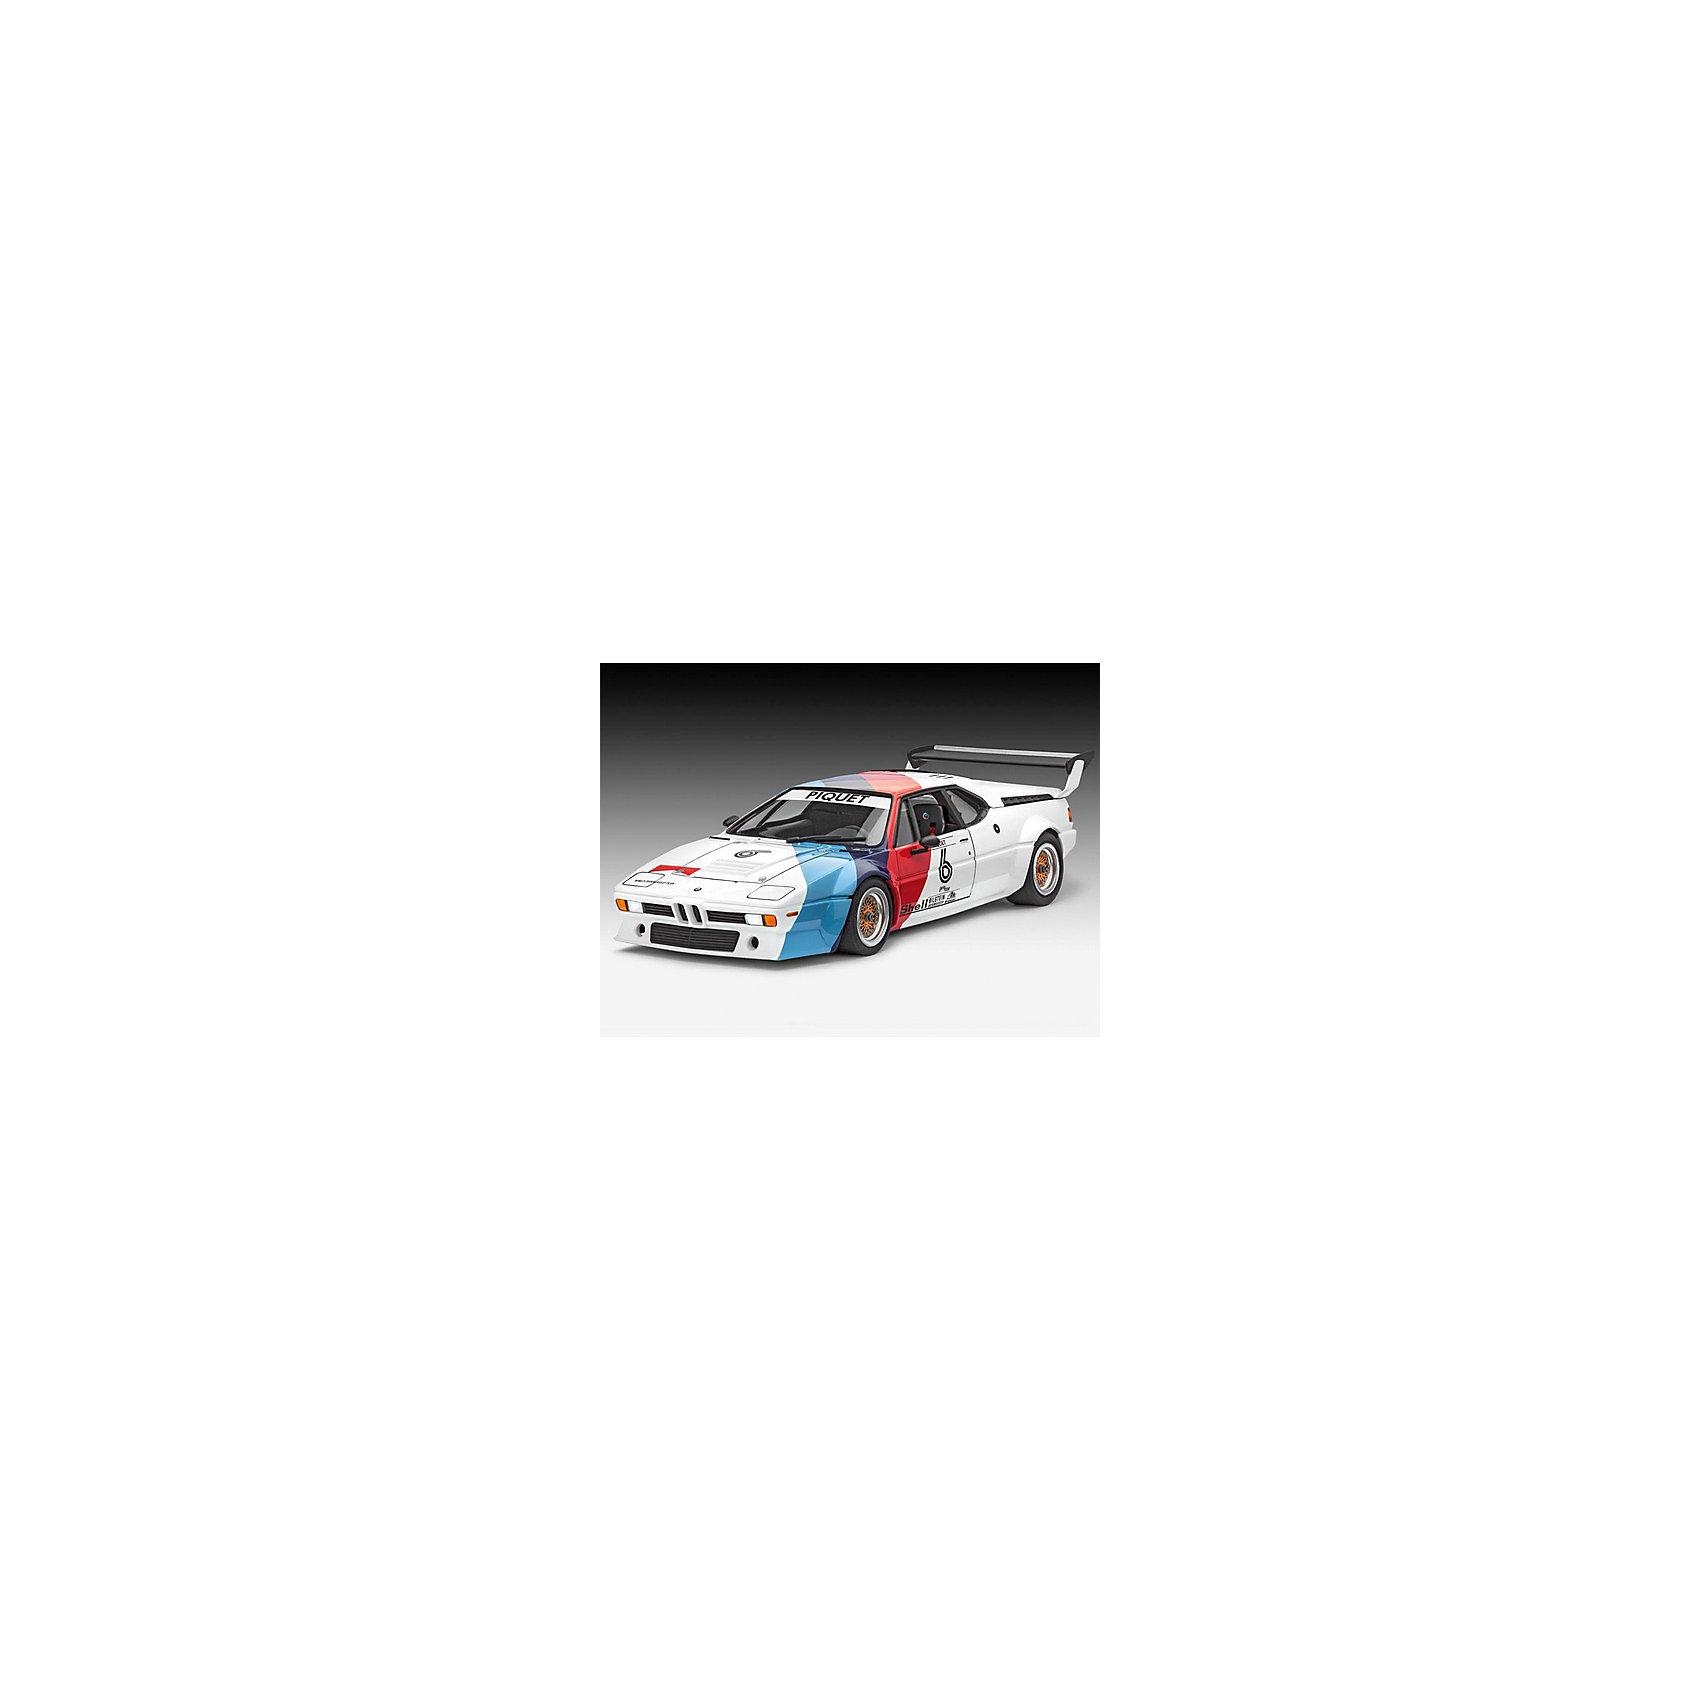 Набор Автомобиль BMW Procar, RevellСборные модели транспорта<br>Гоночная версия автомобиля BMW M1 Procar была выпущена в 1978 году, а уже в 1979 машина принимала участие в европейской Формуле 1 Гран-При. В этих гонках соревновались между собой 20 абсолютно идентичных автомобилей BMW M1. Таким образом, победителя этих уникальных гонок определили его навыки вождения, а не техническая поддержка.  Восхитительная сборная модель BMW M1 Procar является точной уменьшенной копией своего прототипа в масштабе 1:24. Всего модель состоит из 91 отдельного компонента, а длина готового макета составляет 191 мм. В наборе прилагаются клей, краски и кисточка для сборки и покраски модели в соответствии с инструкцией. Подлинный кузов автомобиля, выполненный в мельчайших подробностях, реалистичные шасси, детализированная приборная панель убедят вас в подлинности гоночного автомобиля.  Разработанная для детей от 12 лет, сборная модель, несомненно, порадует и взрослых любителей моделирования и высоких скоростей. Сборка такой модели потребует от моделиста всех его навыков. Её относят к моделированию сложного уровня (№4). Моделирование отлично тренирует мелкую моторику, развивает в ребёнке такие навыки как усидчивость, аккуратность и внимательность. Кроме того, развивается пространственное мышление, логика и креативность.<br><br>Набор Автомобиль BMW Procar, Revell можно купить в нашем магазине.<br><br>Ширина мм: 370<br>Глубина мм: 340<br>Высота мм: 68<br>Вес г: 685<br>Возраст от месяцев: 144<br>Возраст до месяцев: 192<br>Пол: Мужской<br>Возраст: Детский<br>SKU: 4560892